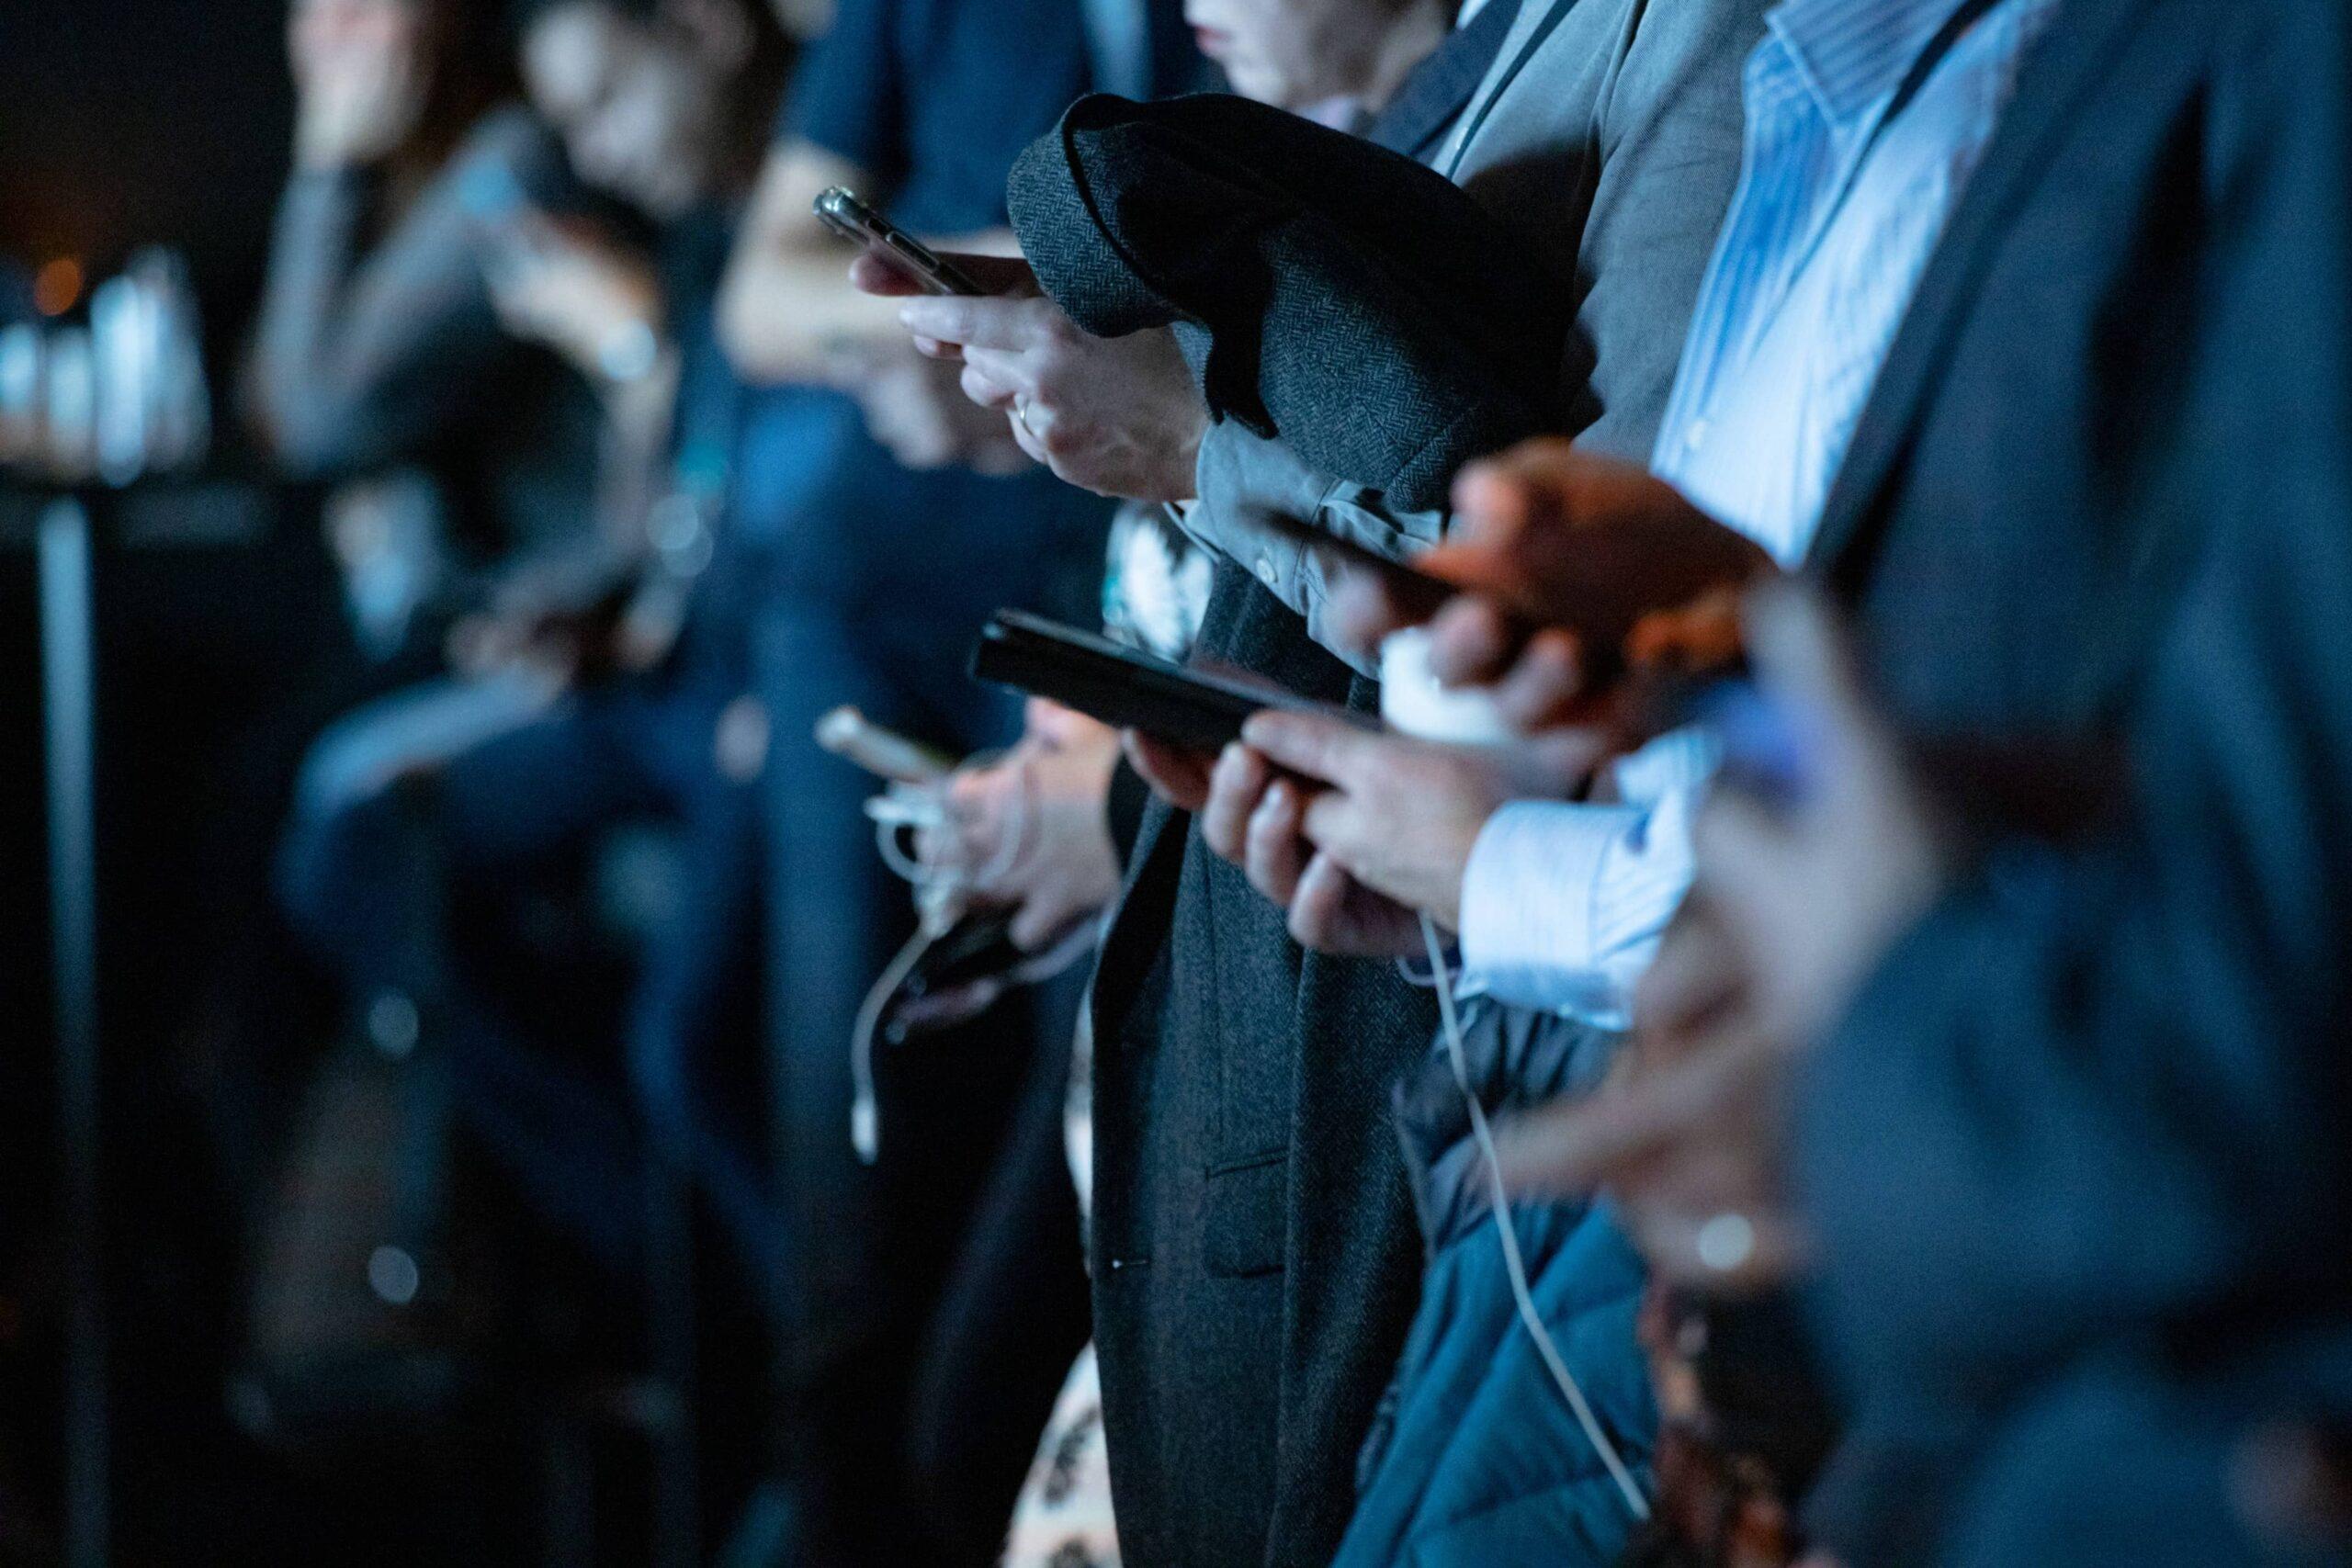 Le linee guida dell'EDPB sul targeting degli utenti dei social media